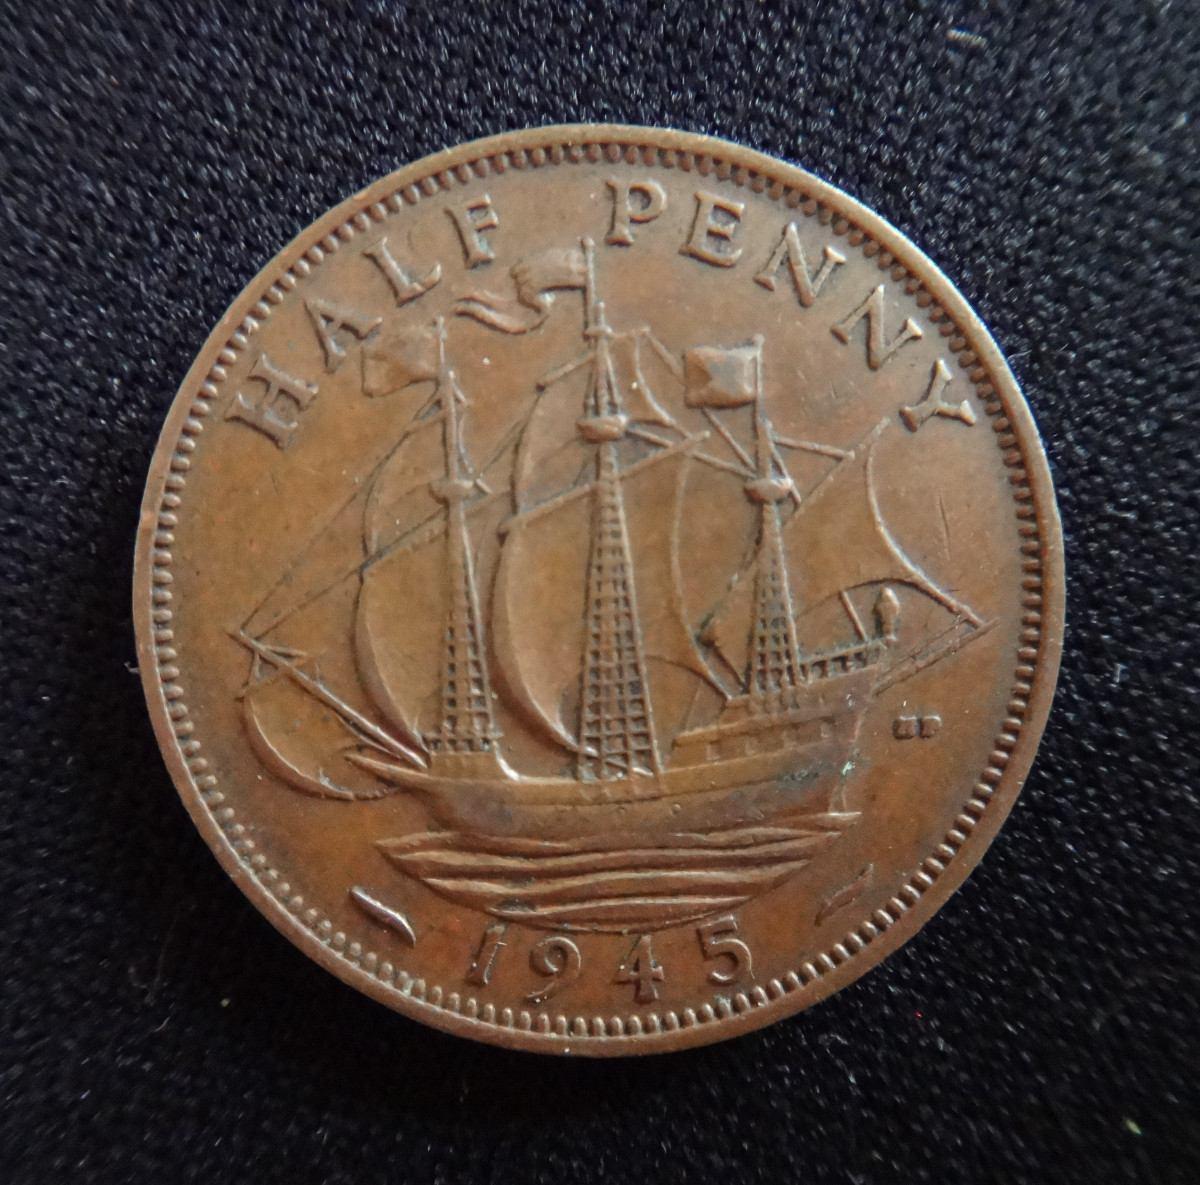 Monedas Half Penny, One Penny - Gran Bretaña (1903-1945) - $ 248,83